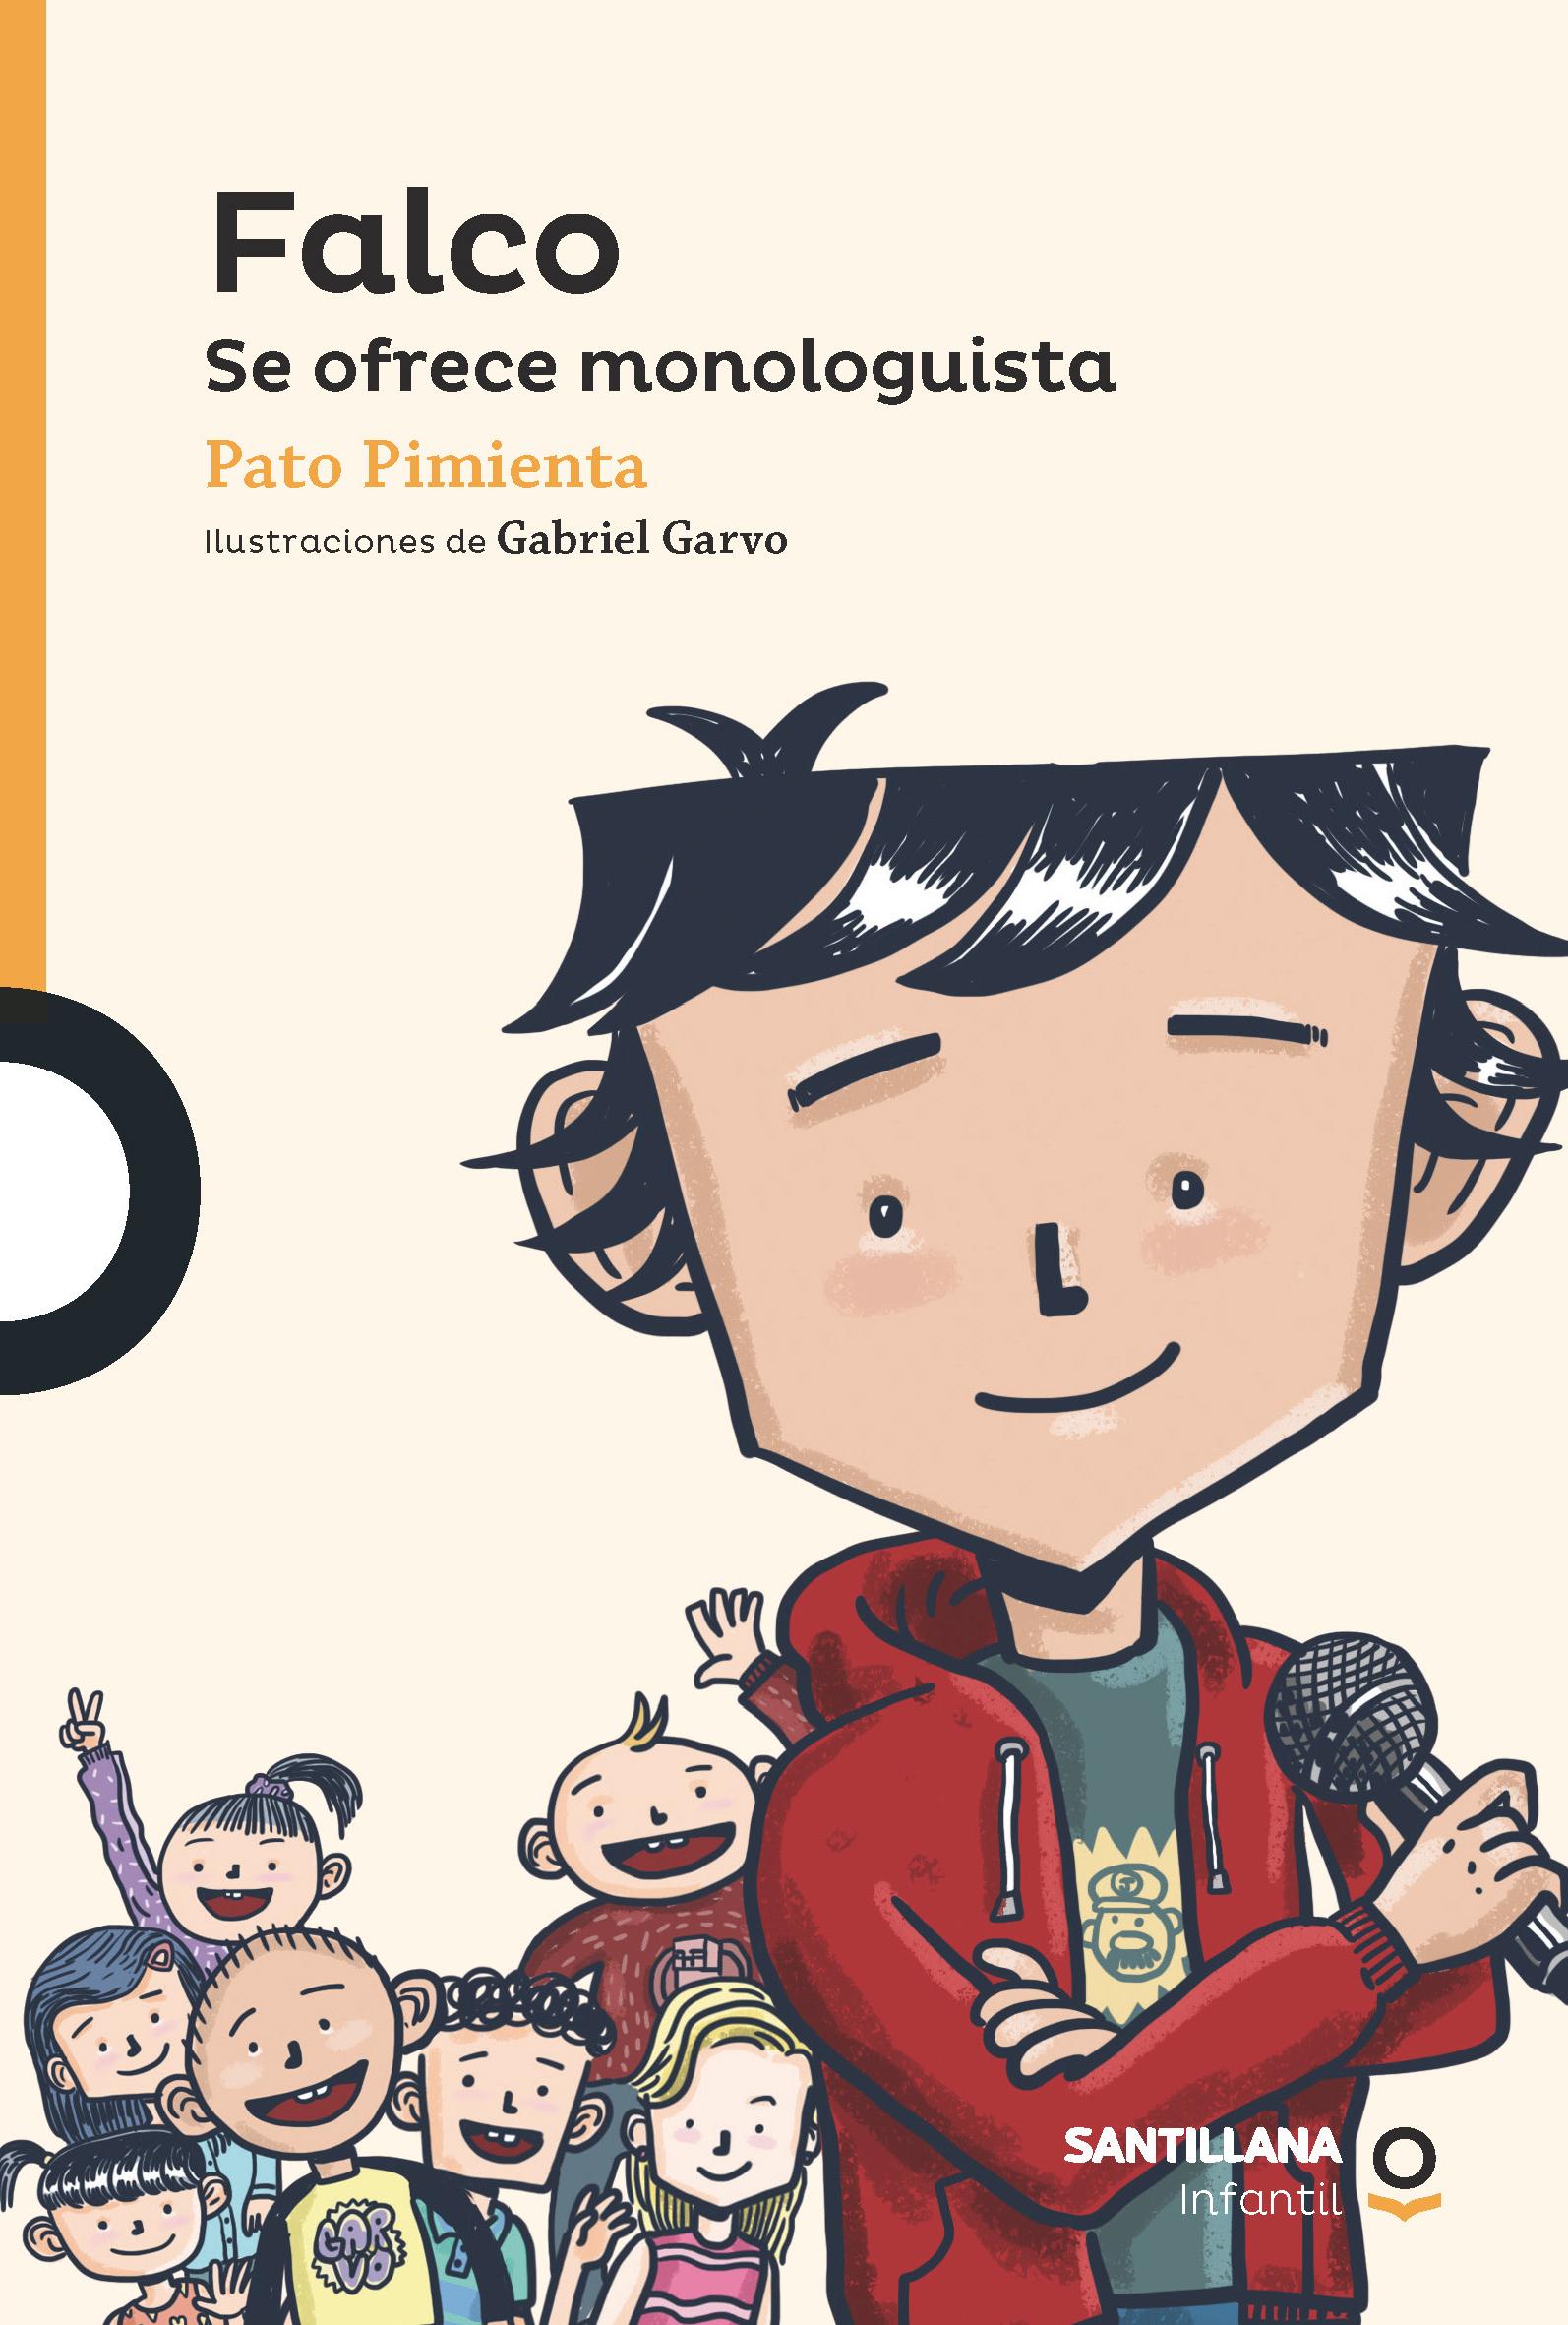 año libro falco pato pimienta pdf